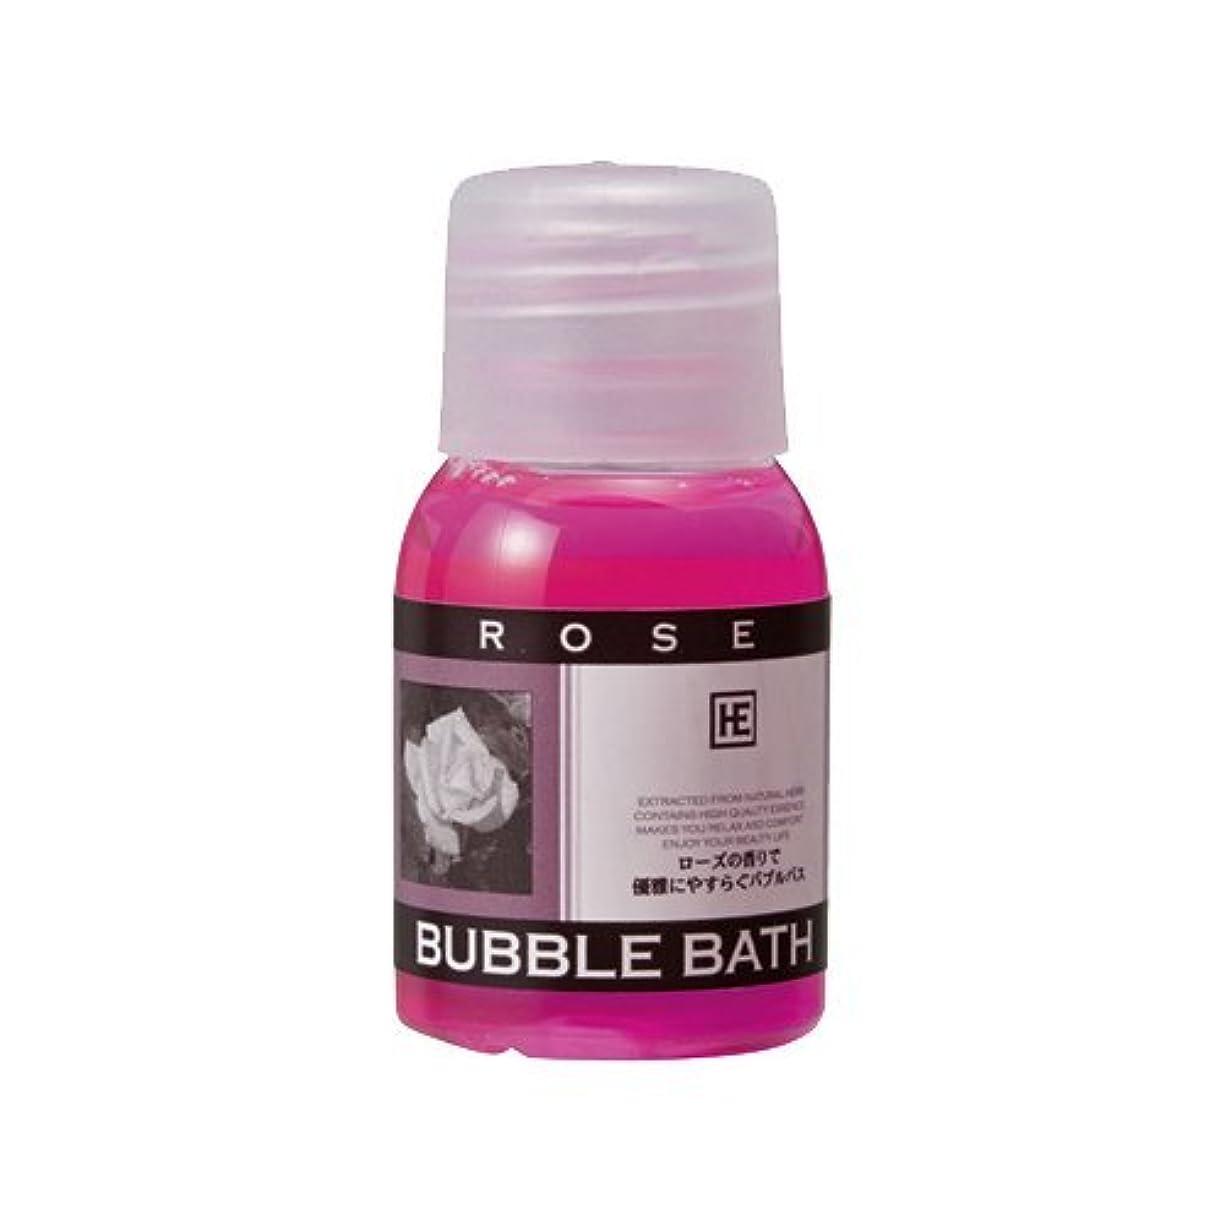 先住民縮れた民族主義ハーバルエクストラ バブルバス ミニボトル ローズの香り × 5個セット - ホテルアメニティ 業務用 発泡入浴剤 (BUBBLE BATH)